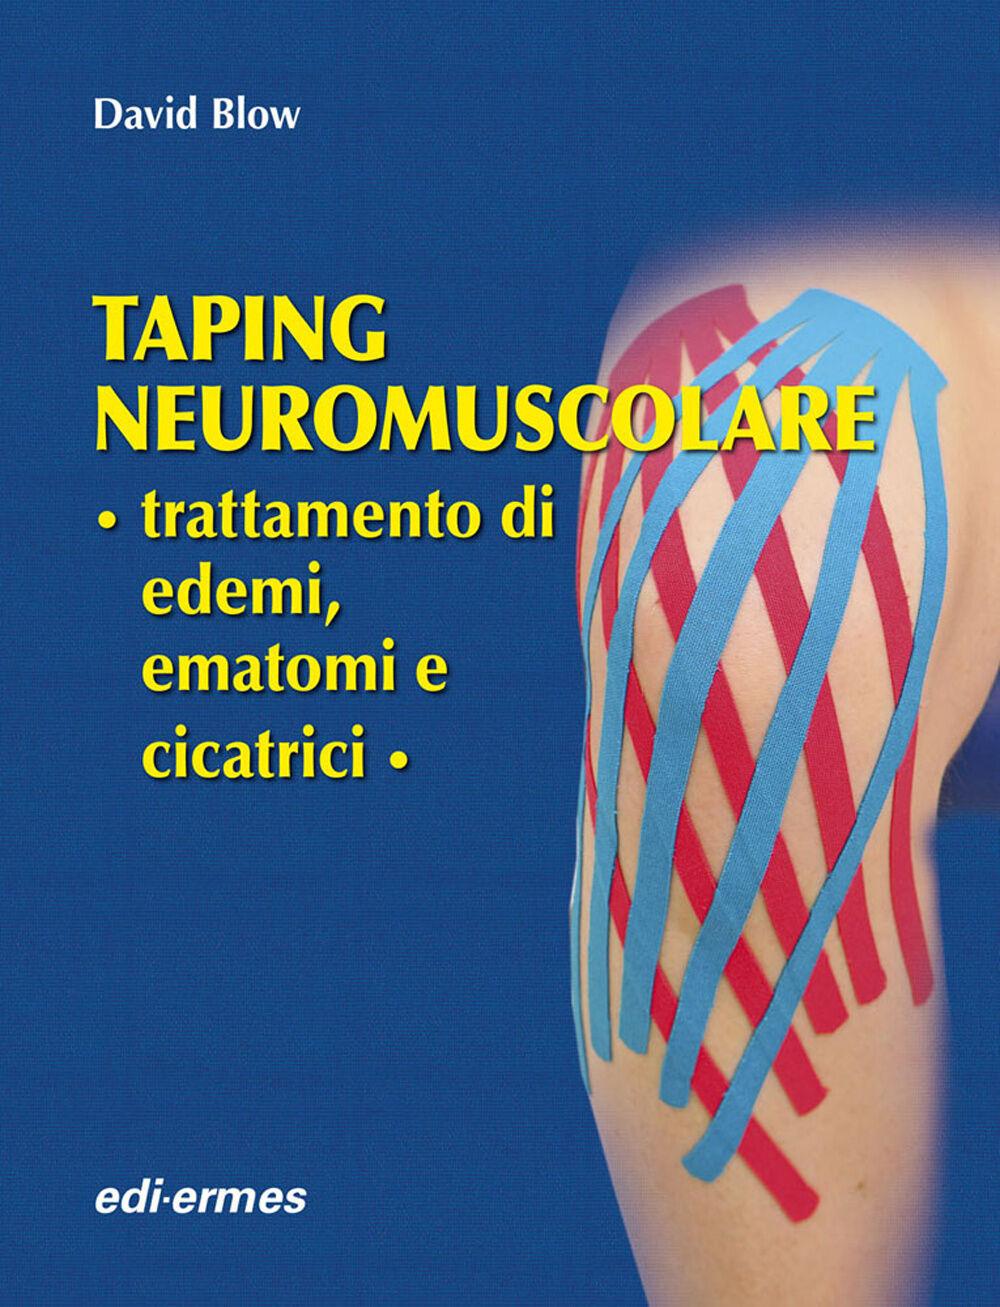 Taping neuromuscolare. Trattamento di edemi, ematomi e cicatrici